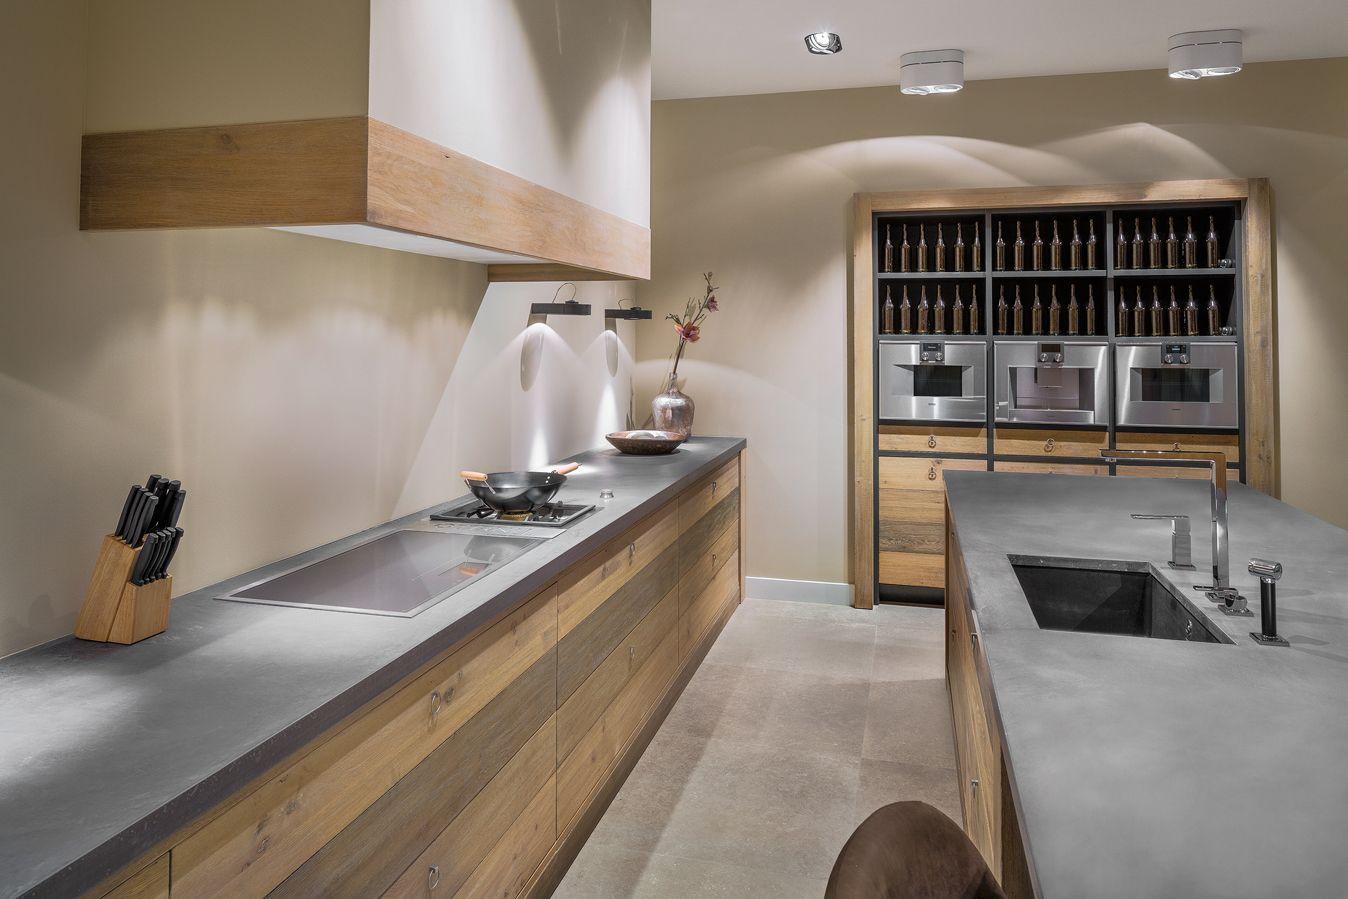 Een robuust eikenhouten blok met betonnen werkblad deze eenvoudige basis zorgt voor een - Moderne keuken deco keuken ...